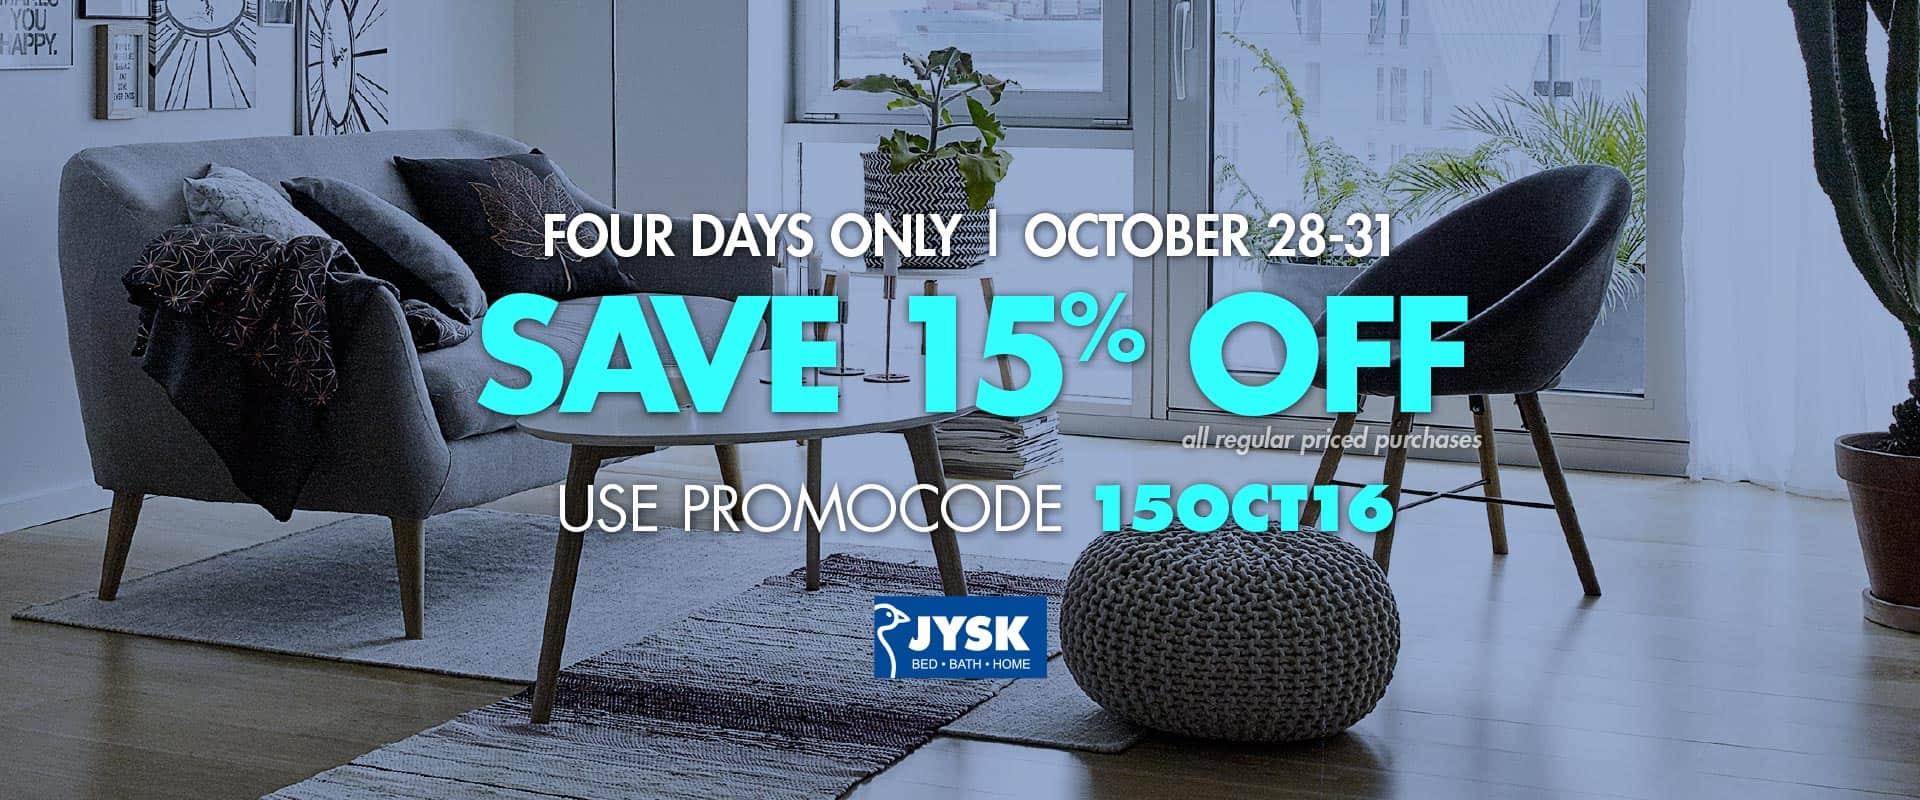 jysk-coupon-code